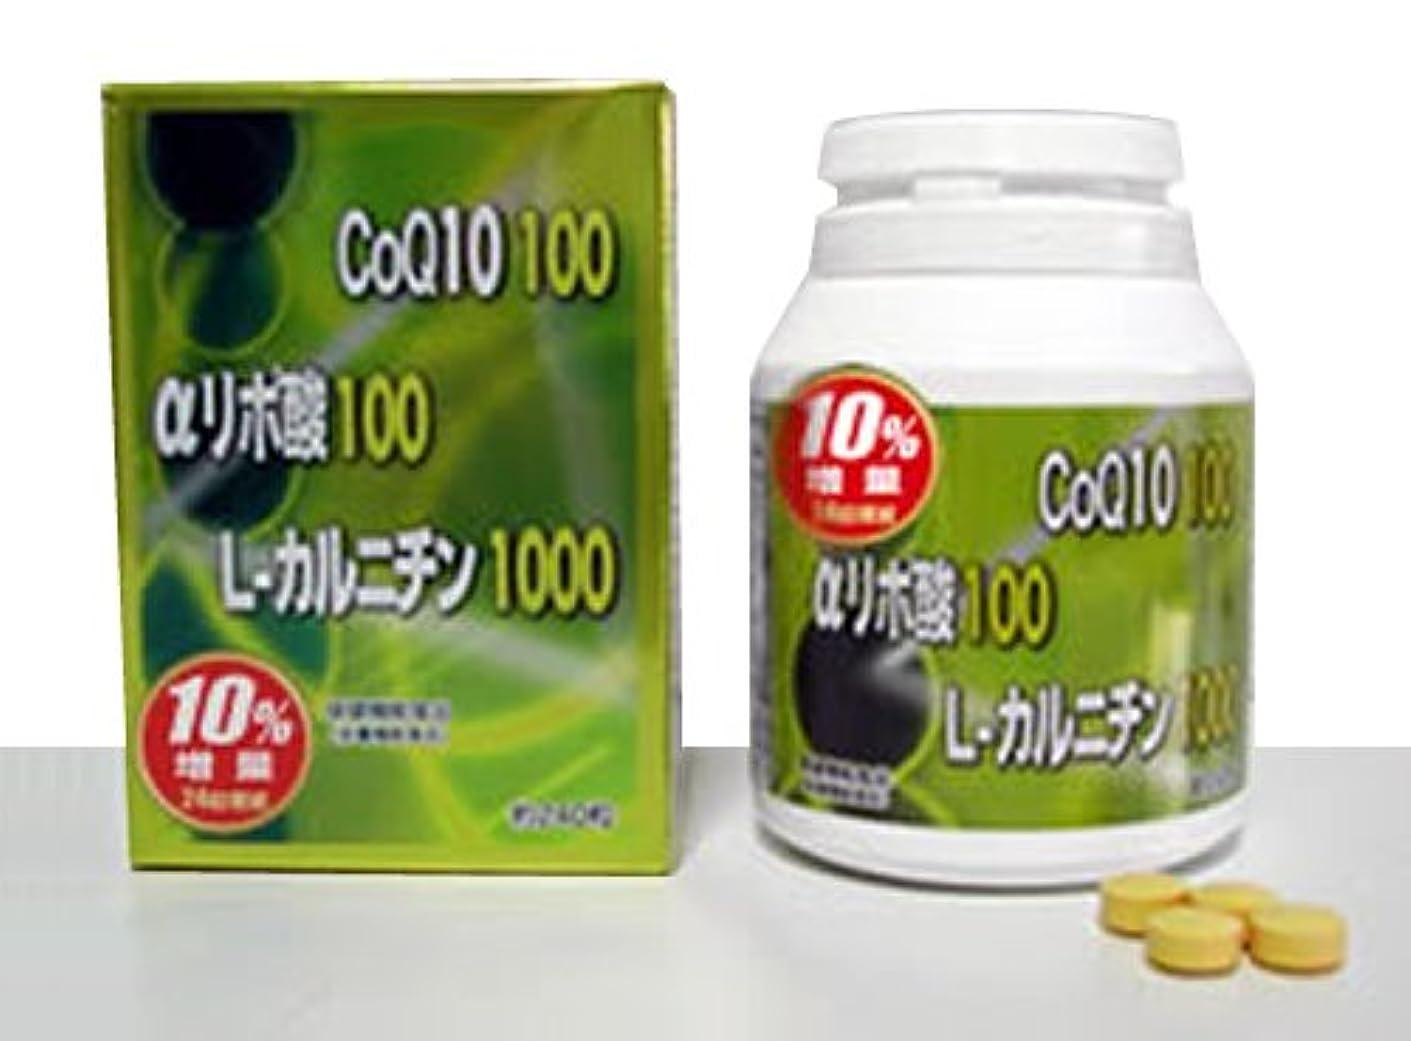 プラカードお香談話10%増量 CoQ10 100?αリポ酸 100?L-カルニチン 1000